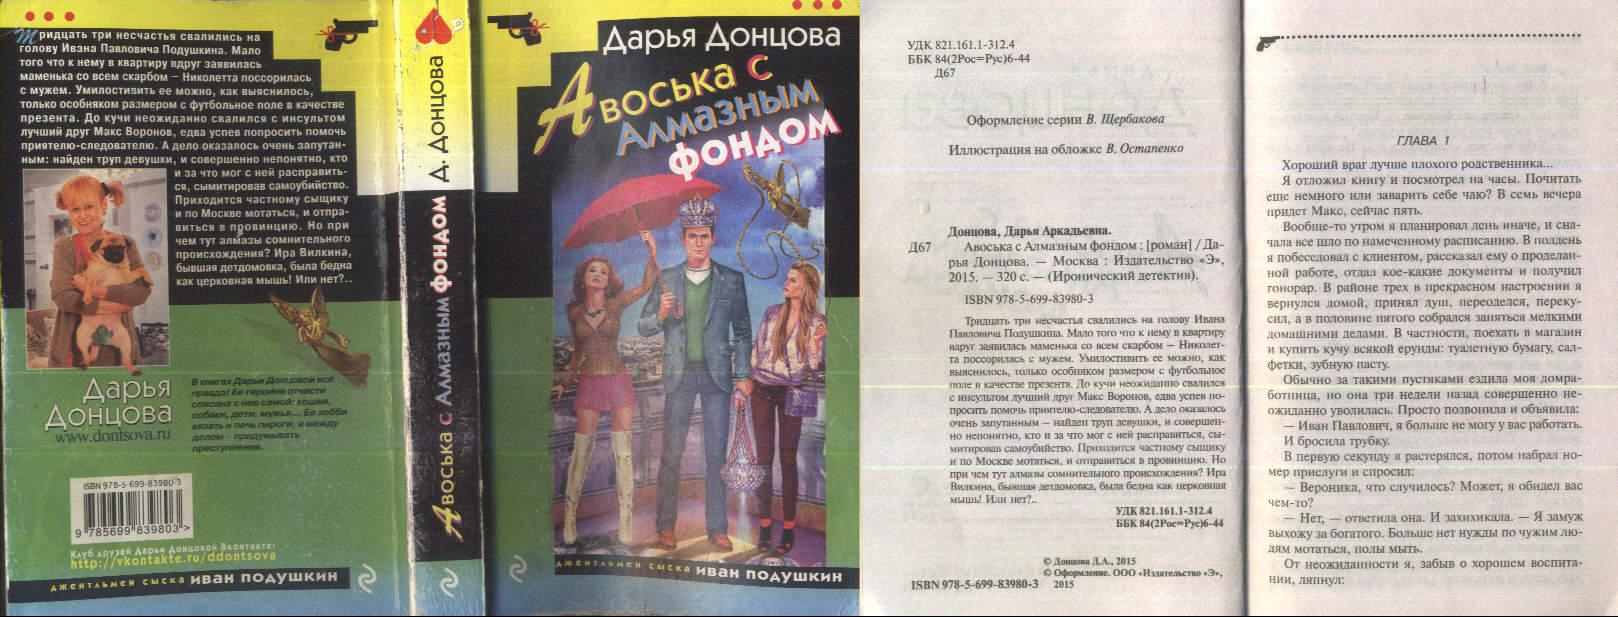 АВОСЬКА С АЛМАЗНЫМ ФОНДОМ EPUB СКАЧАТЬ БЕСПЛАТНО